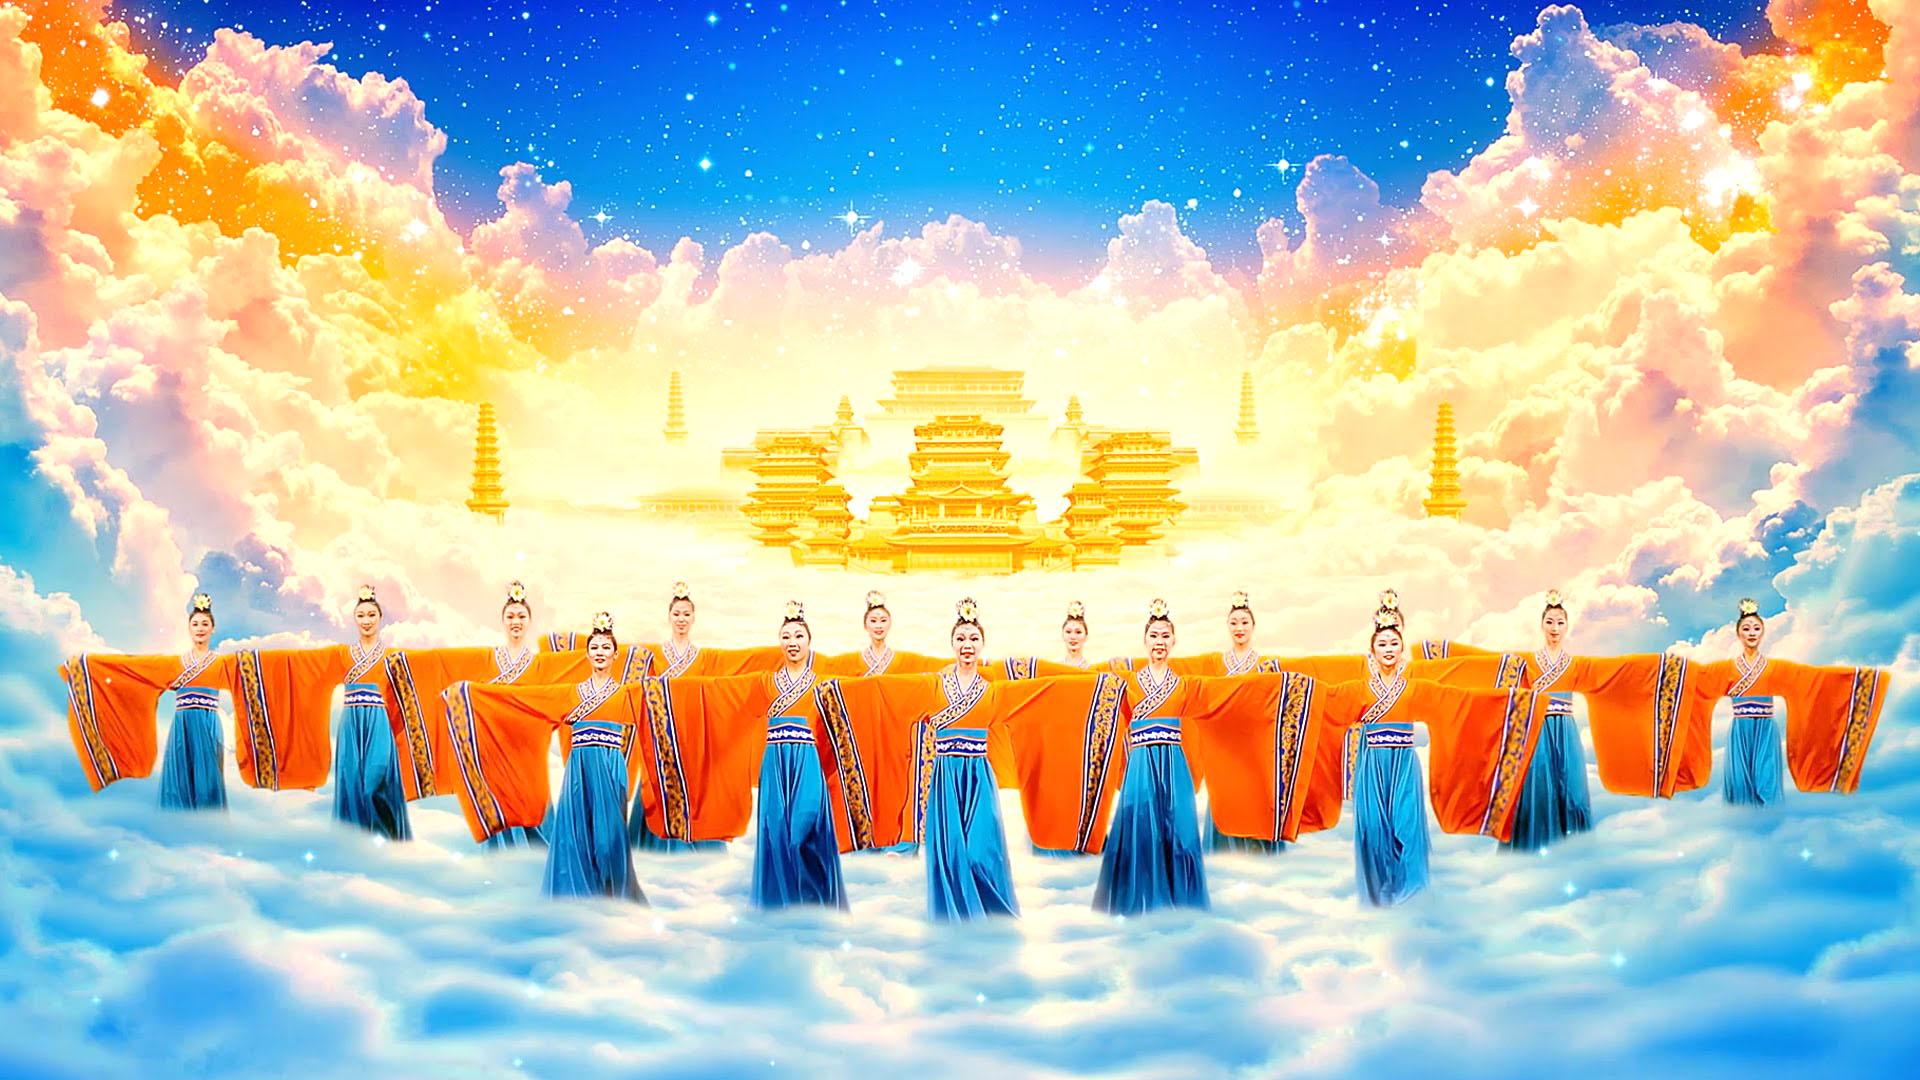 Shen Yun là đoàn nghệ thuật duy nhất trên thế giới khơi lại nền văn hóa Thần truyền 5000 năm